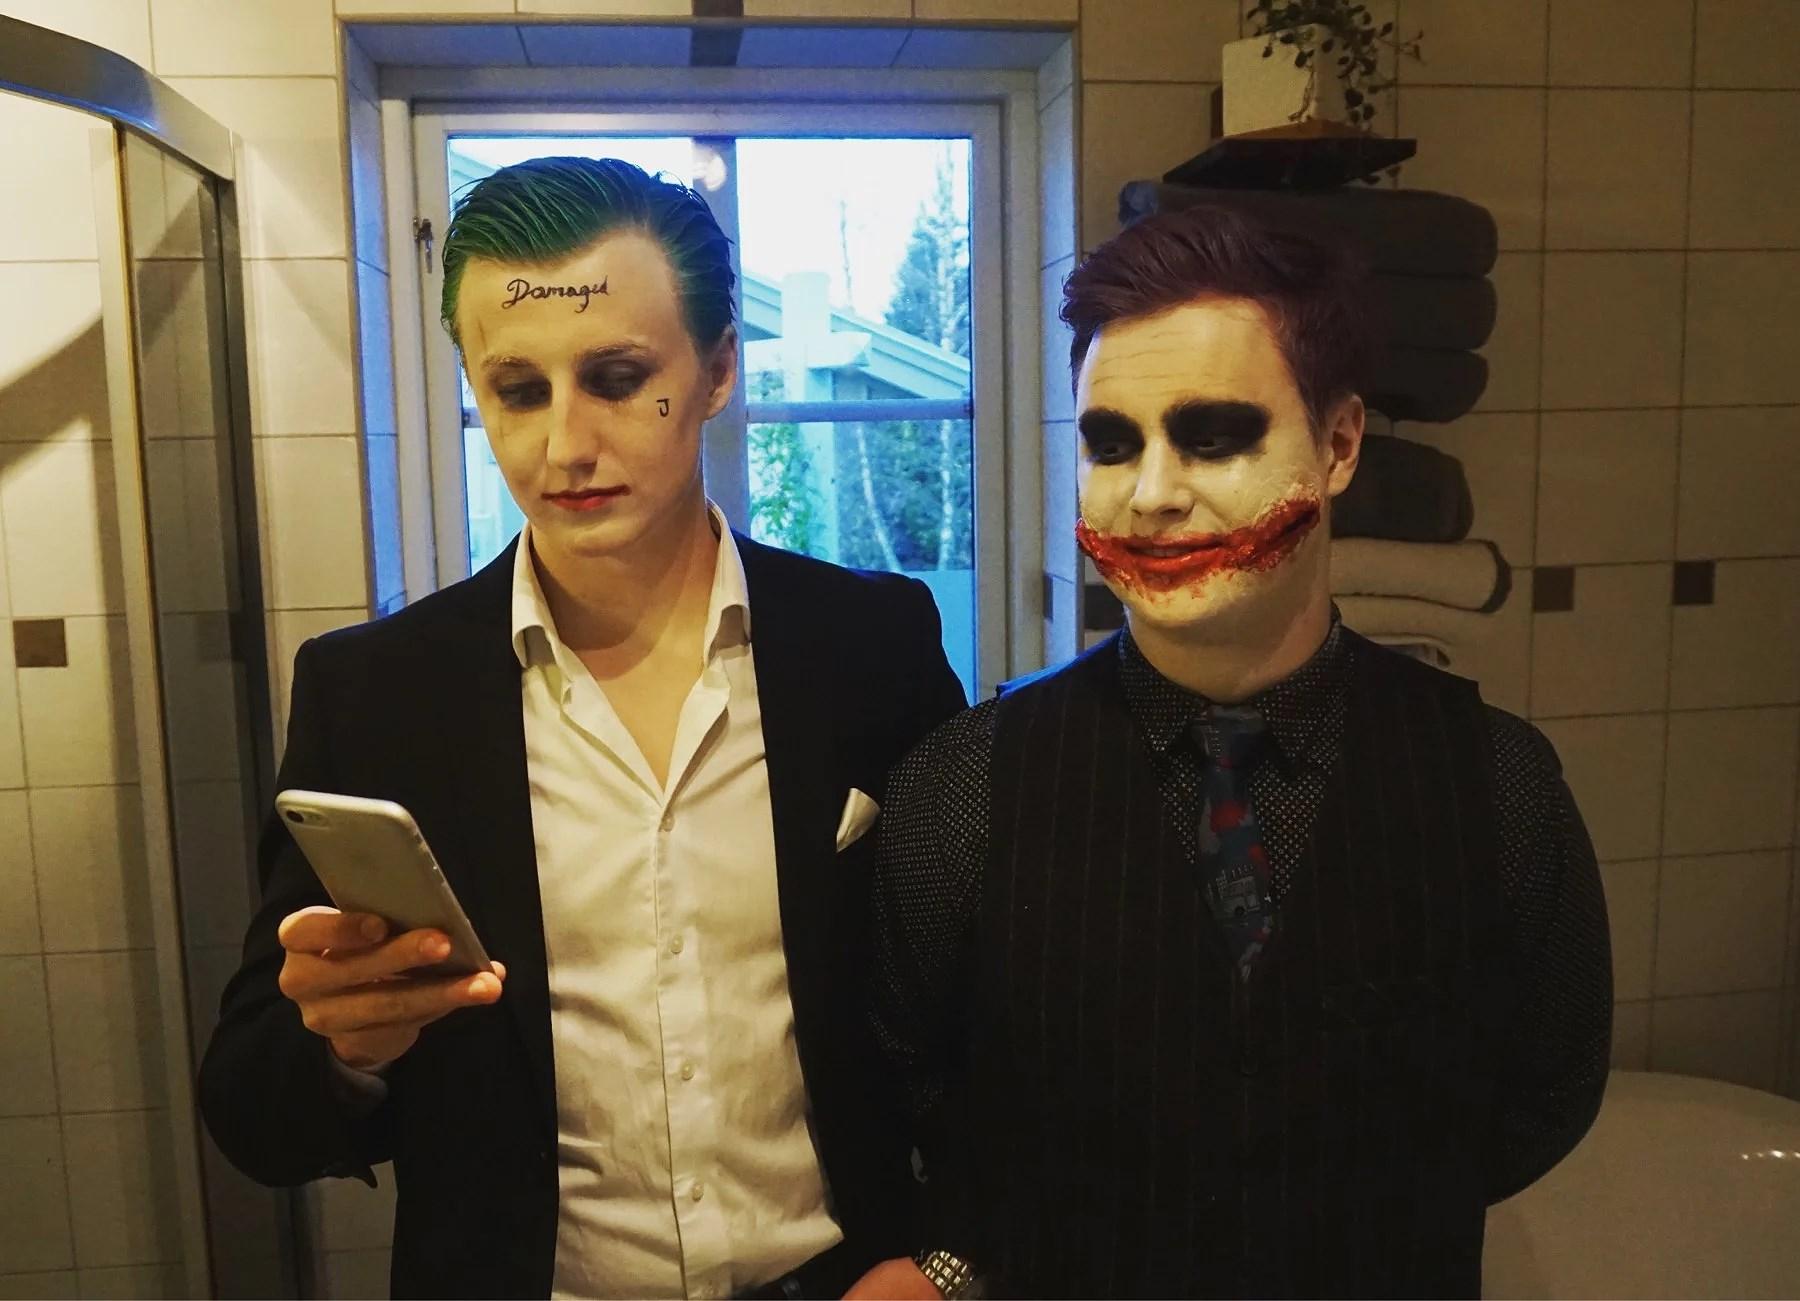 Jokern x 2